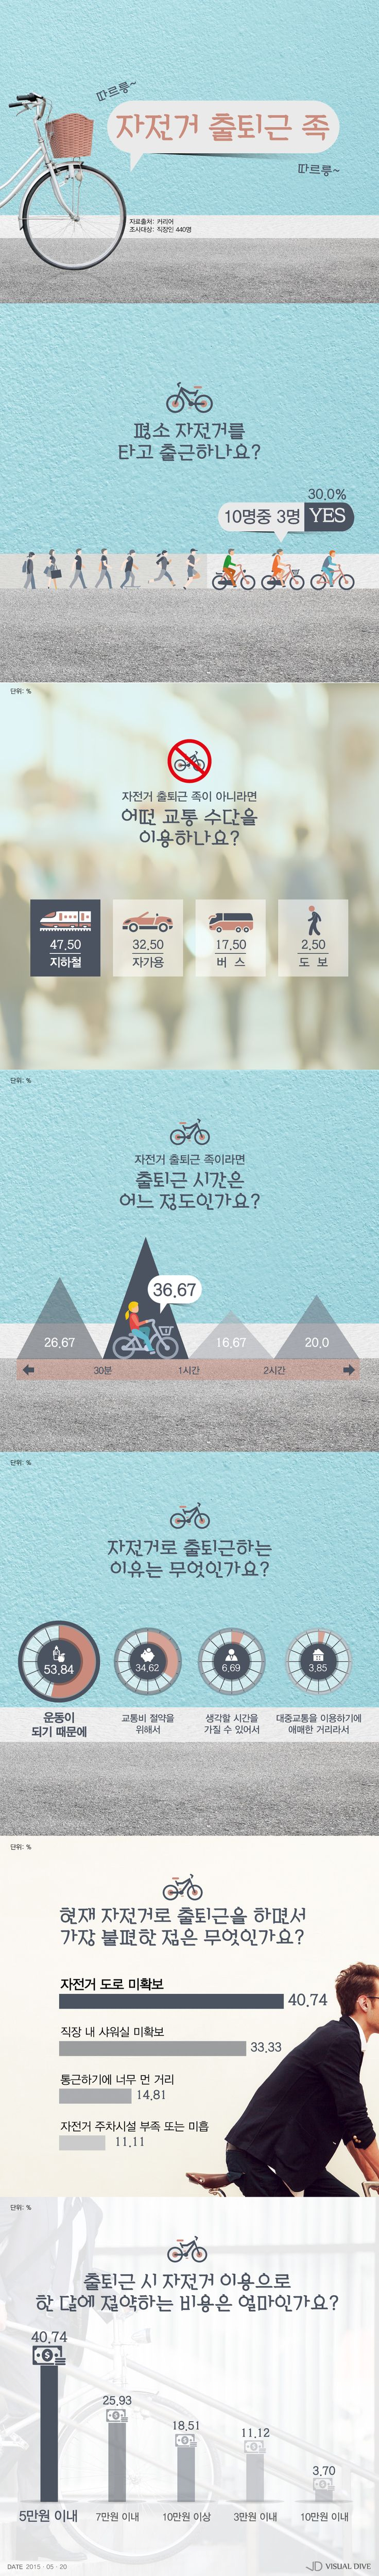 """직장인 30%, """"나는 자출족""""…'운동 되고 교통비도 줄이고' [인포그래픽] #bicycle / #Infographic ⓒ 비주얼다이브 무단…"""